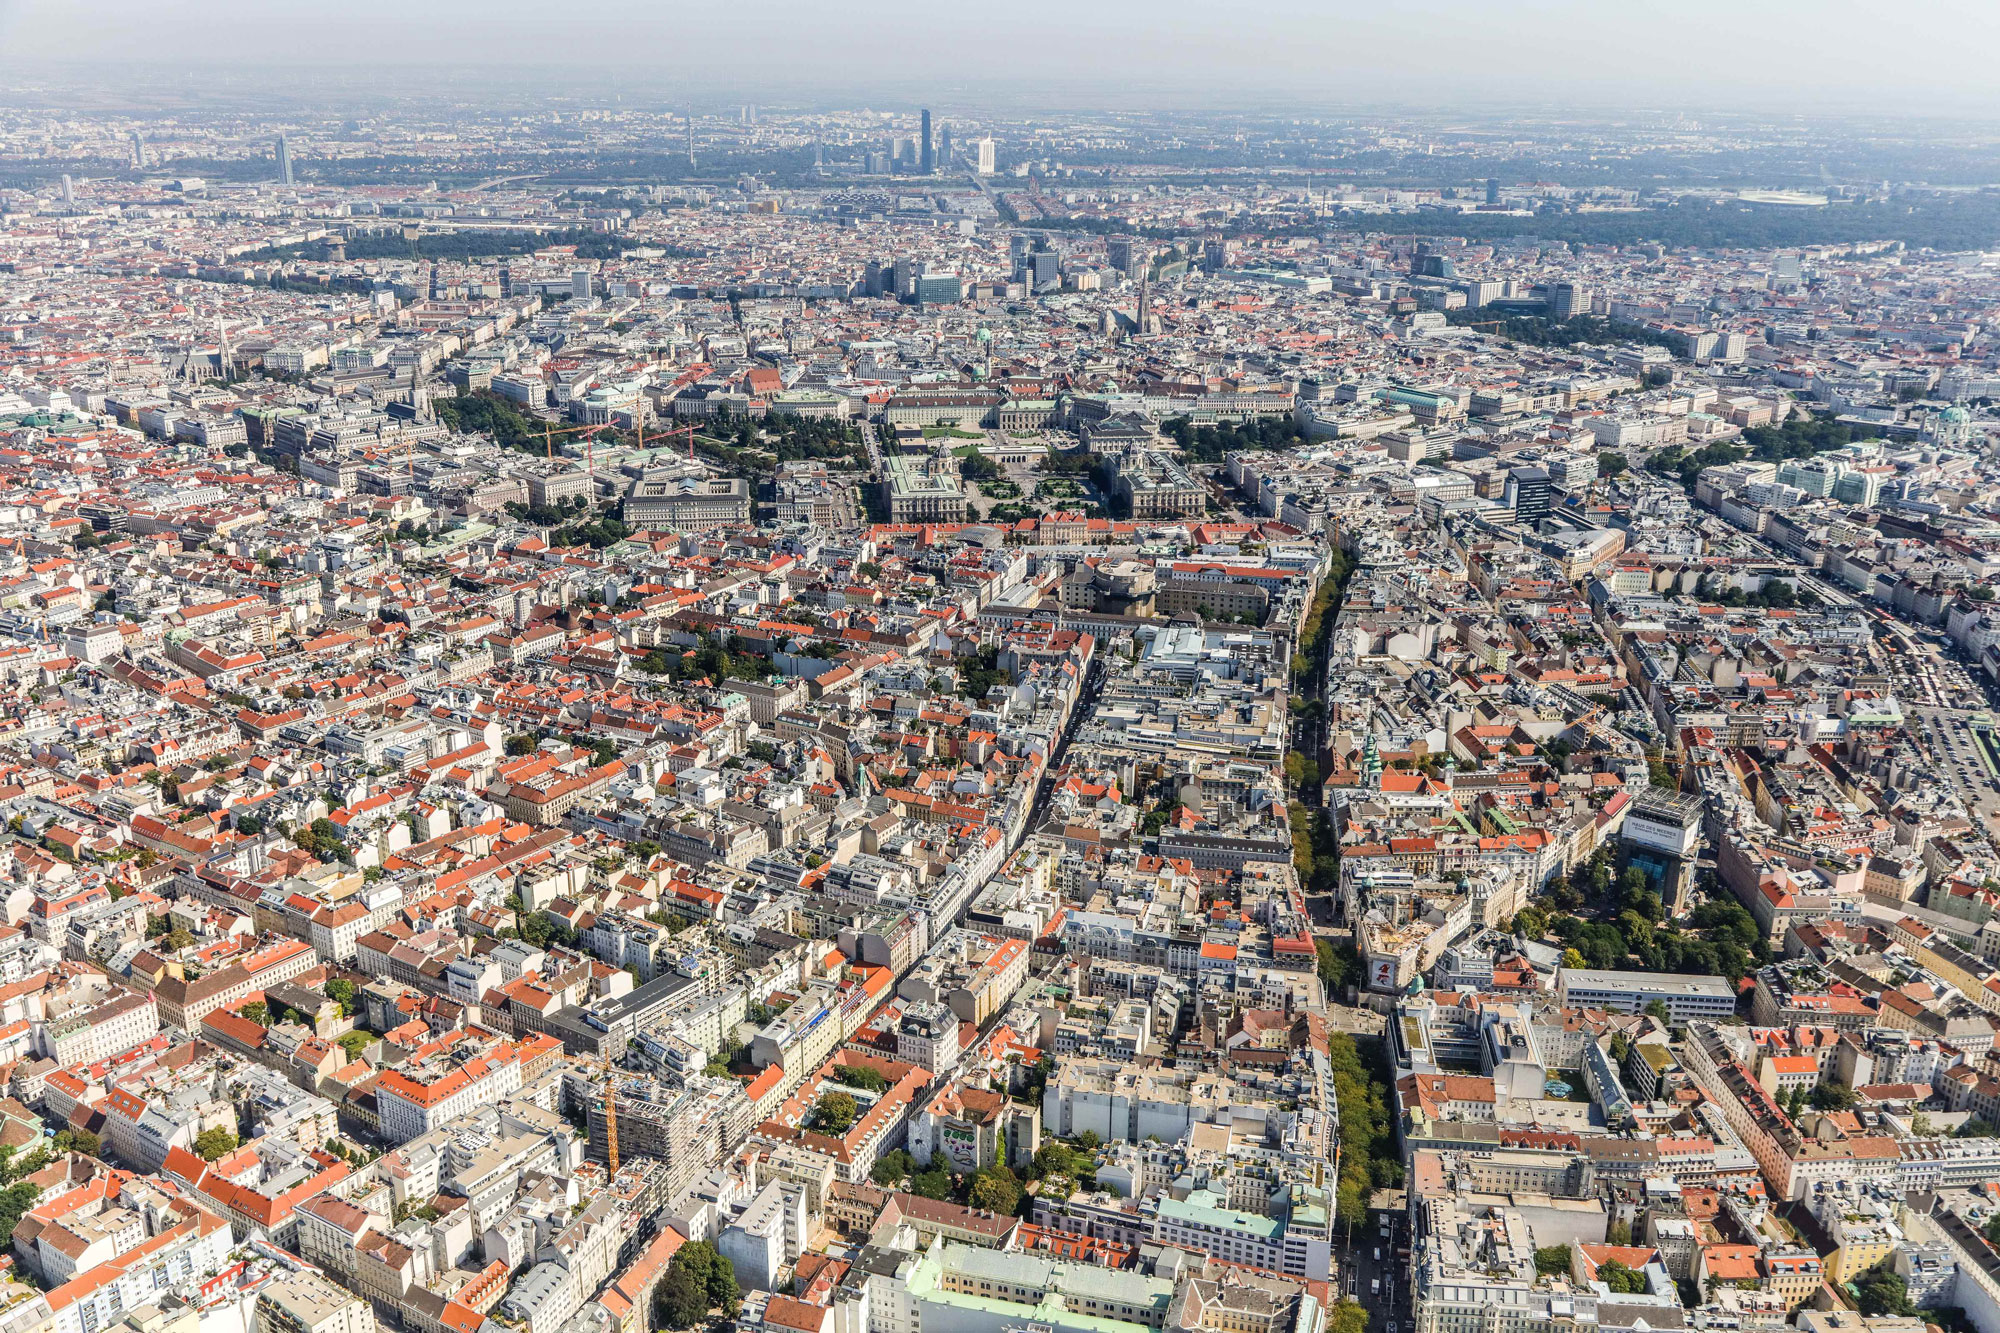 Öffentliche Daseinsvorsorge in Wien: Wohlstand und Lebensqualität für die gesamte Region